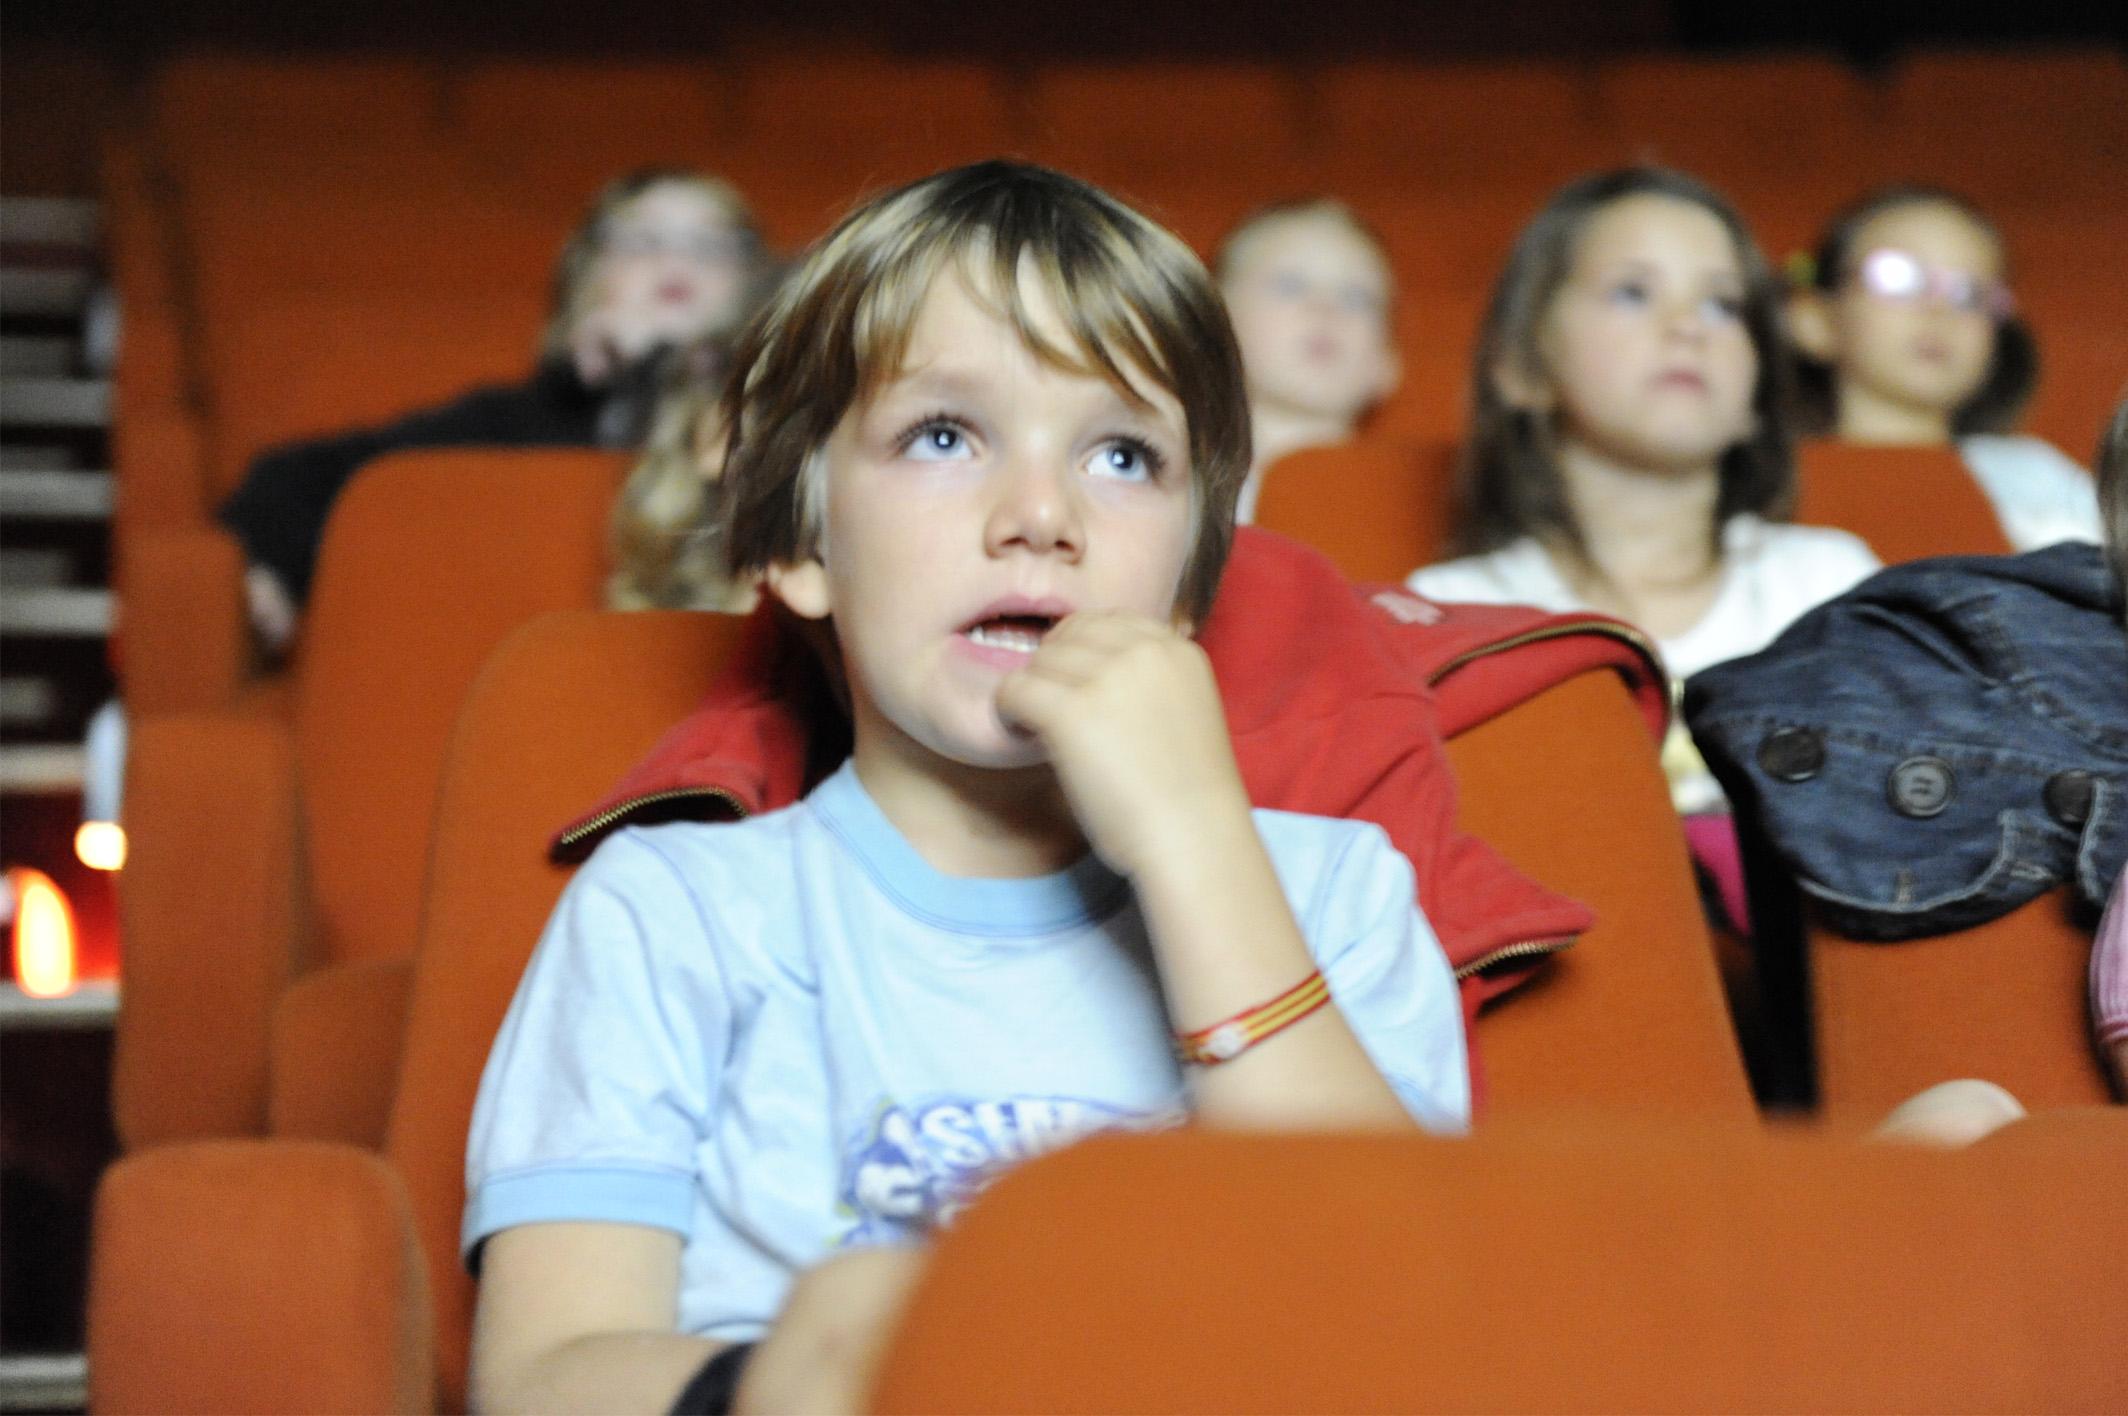 enfant au cinéma